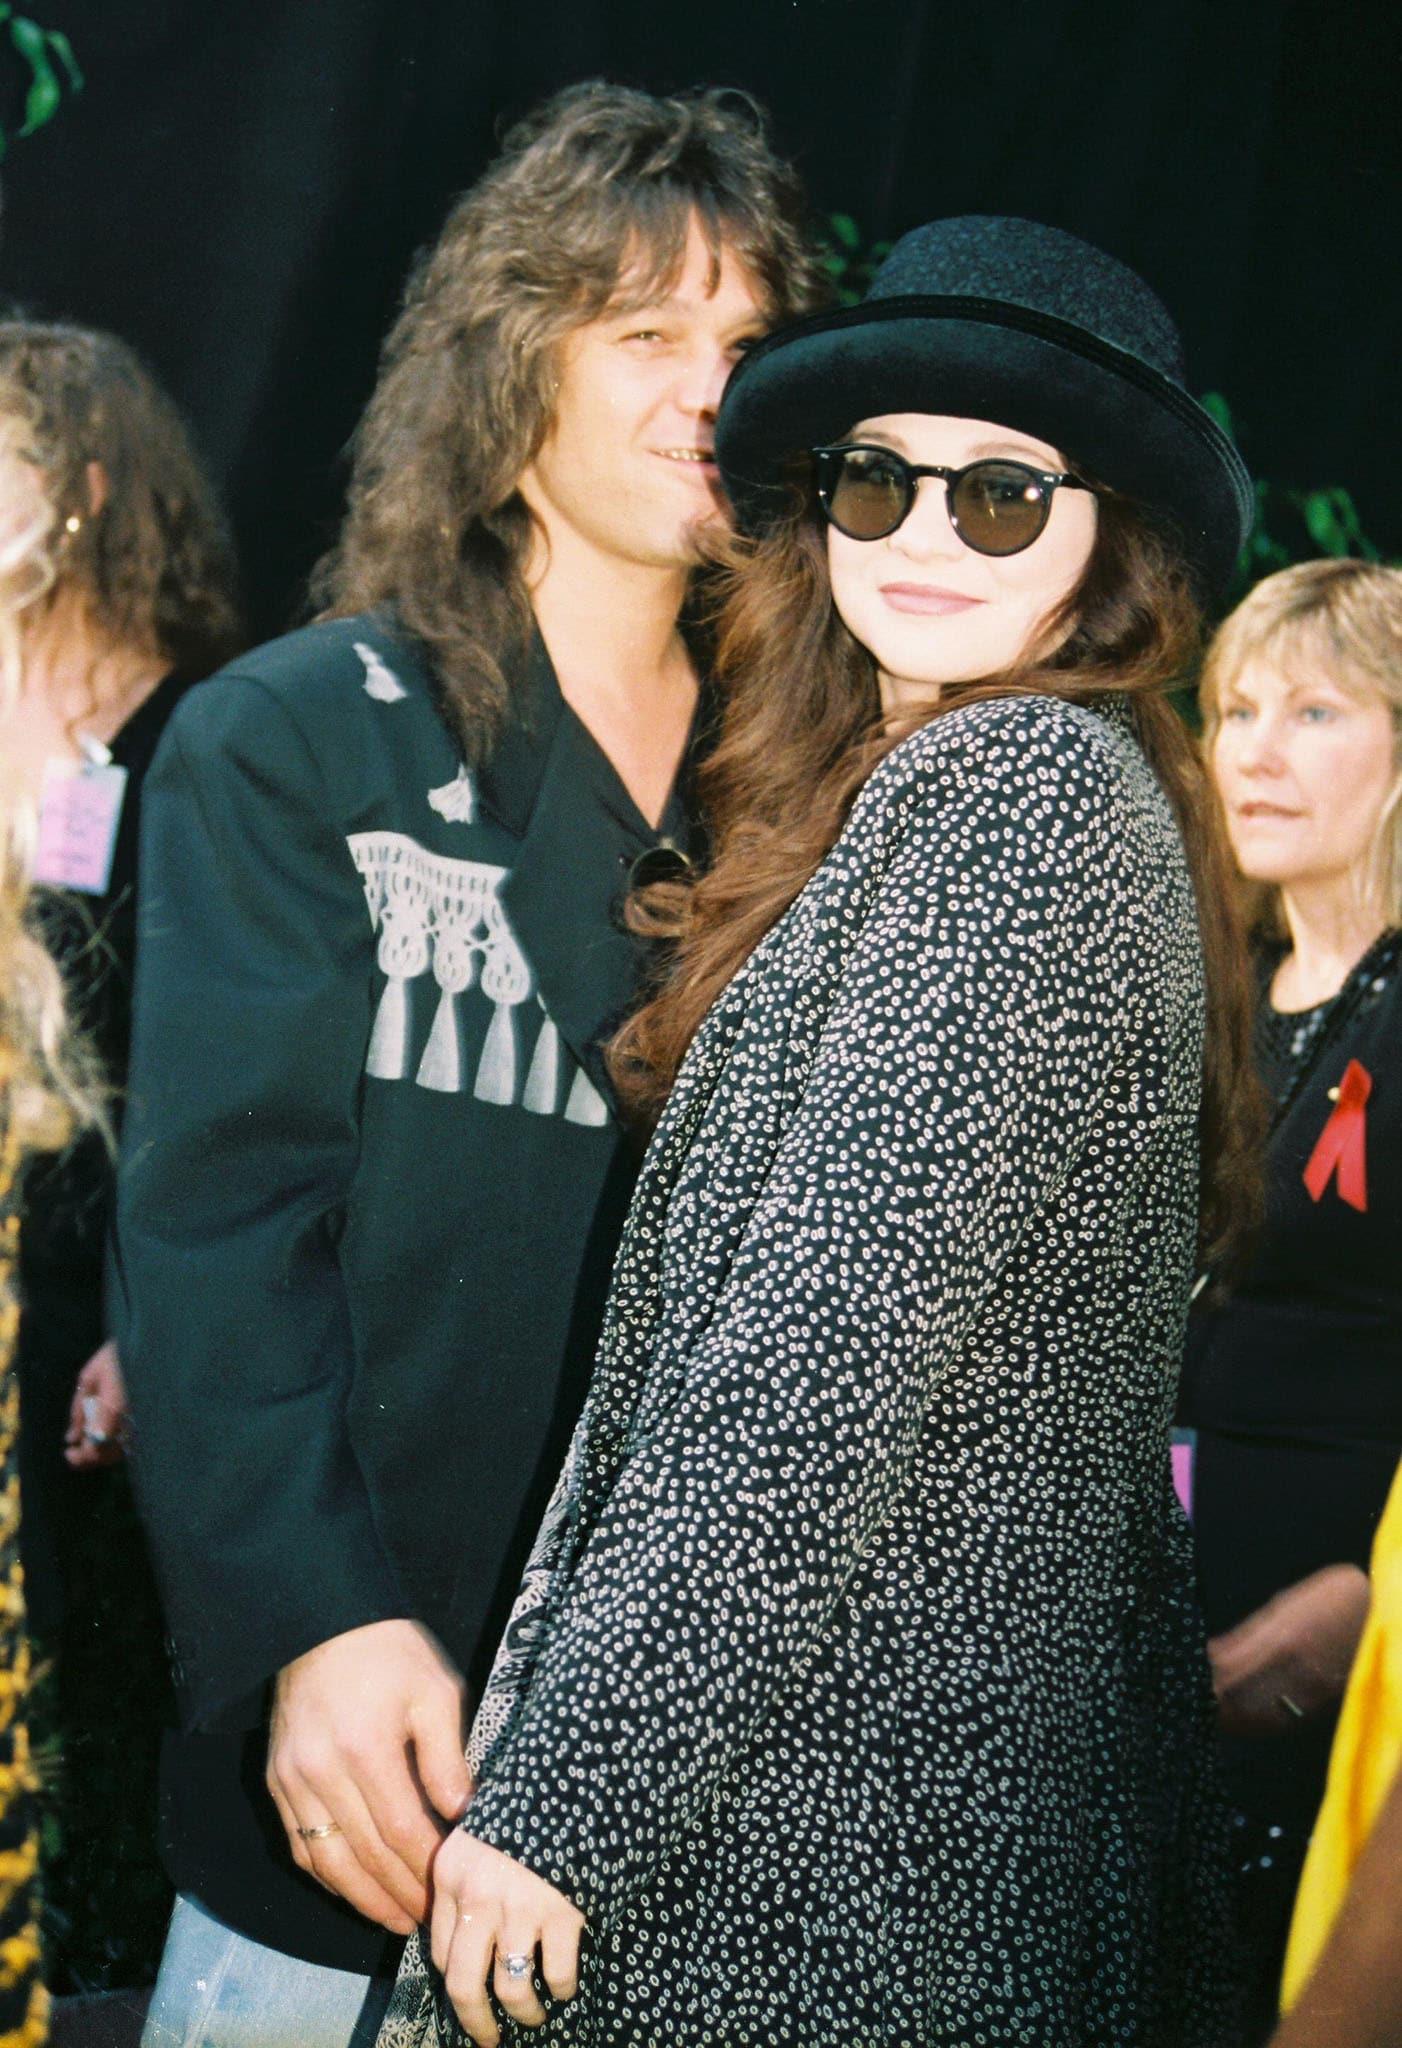 Eddie Van Halen and sitcom star Valerie Bertinelli, pictured in 1992, met at a Van Halen concert in Louisiana in 1980